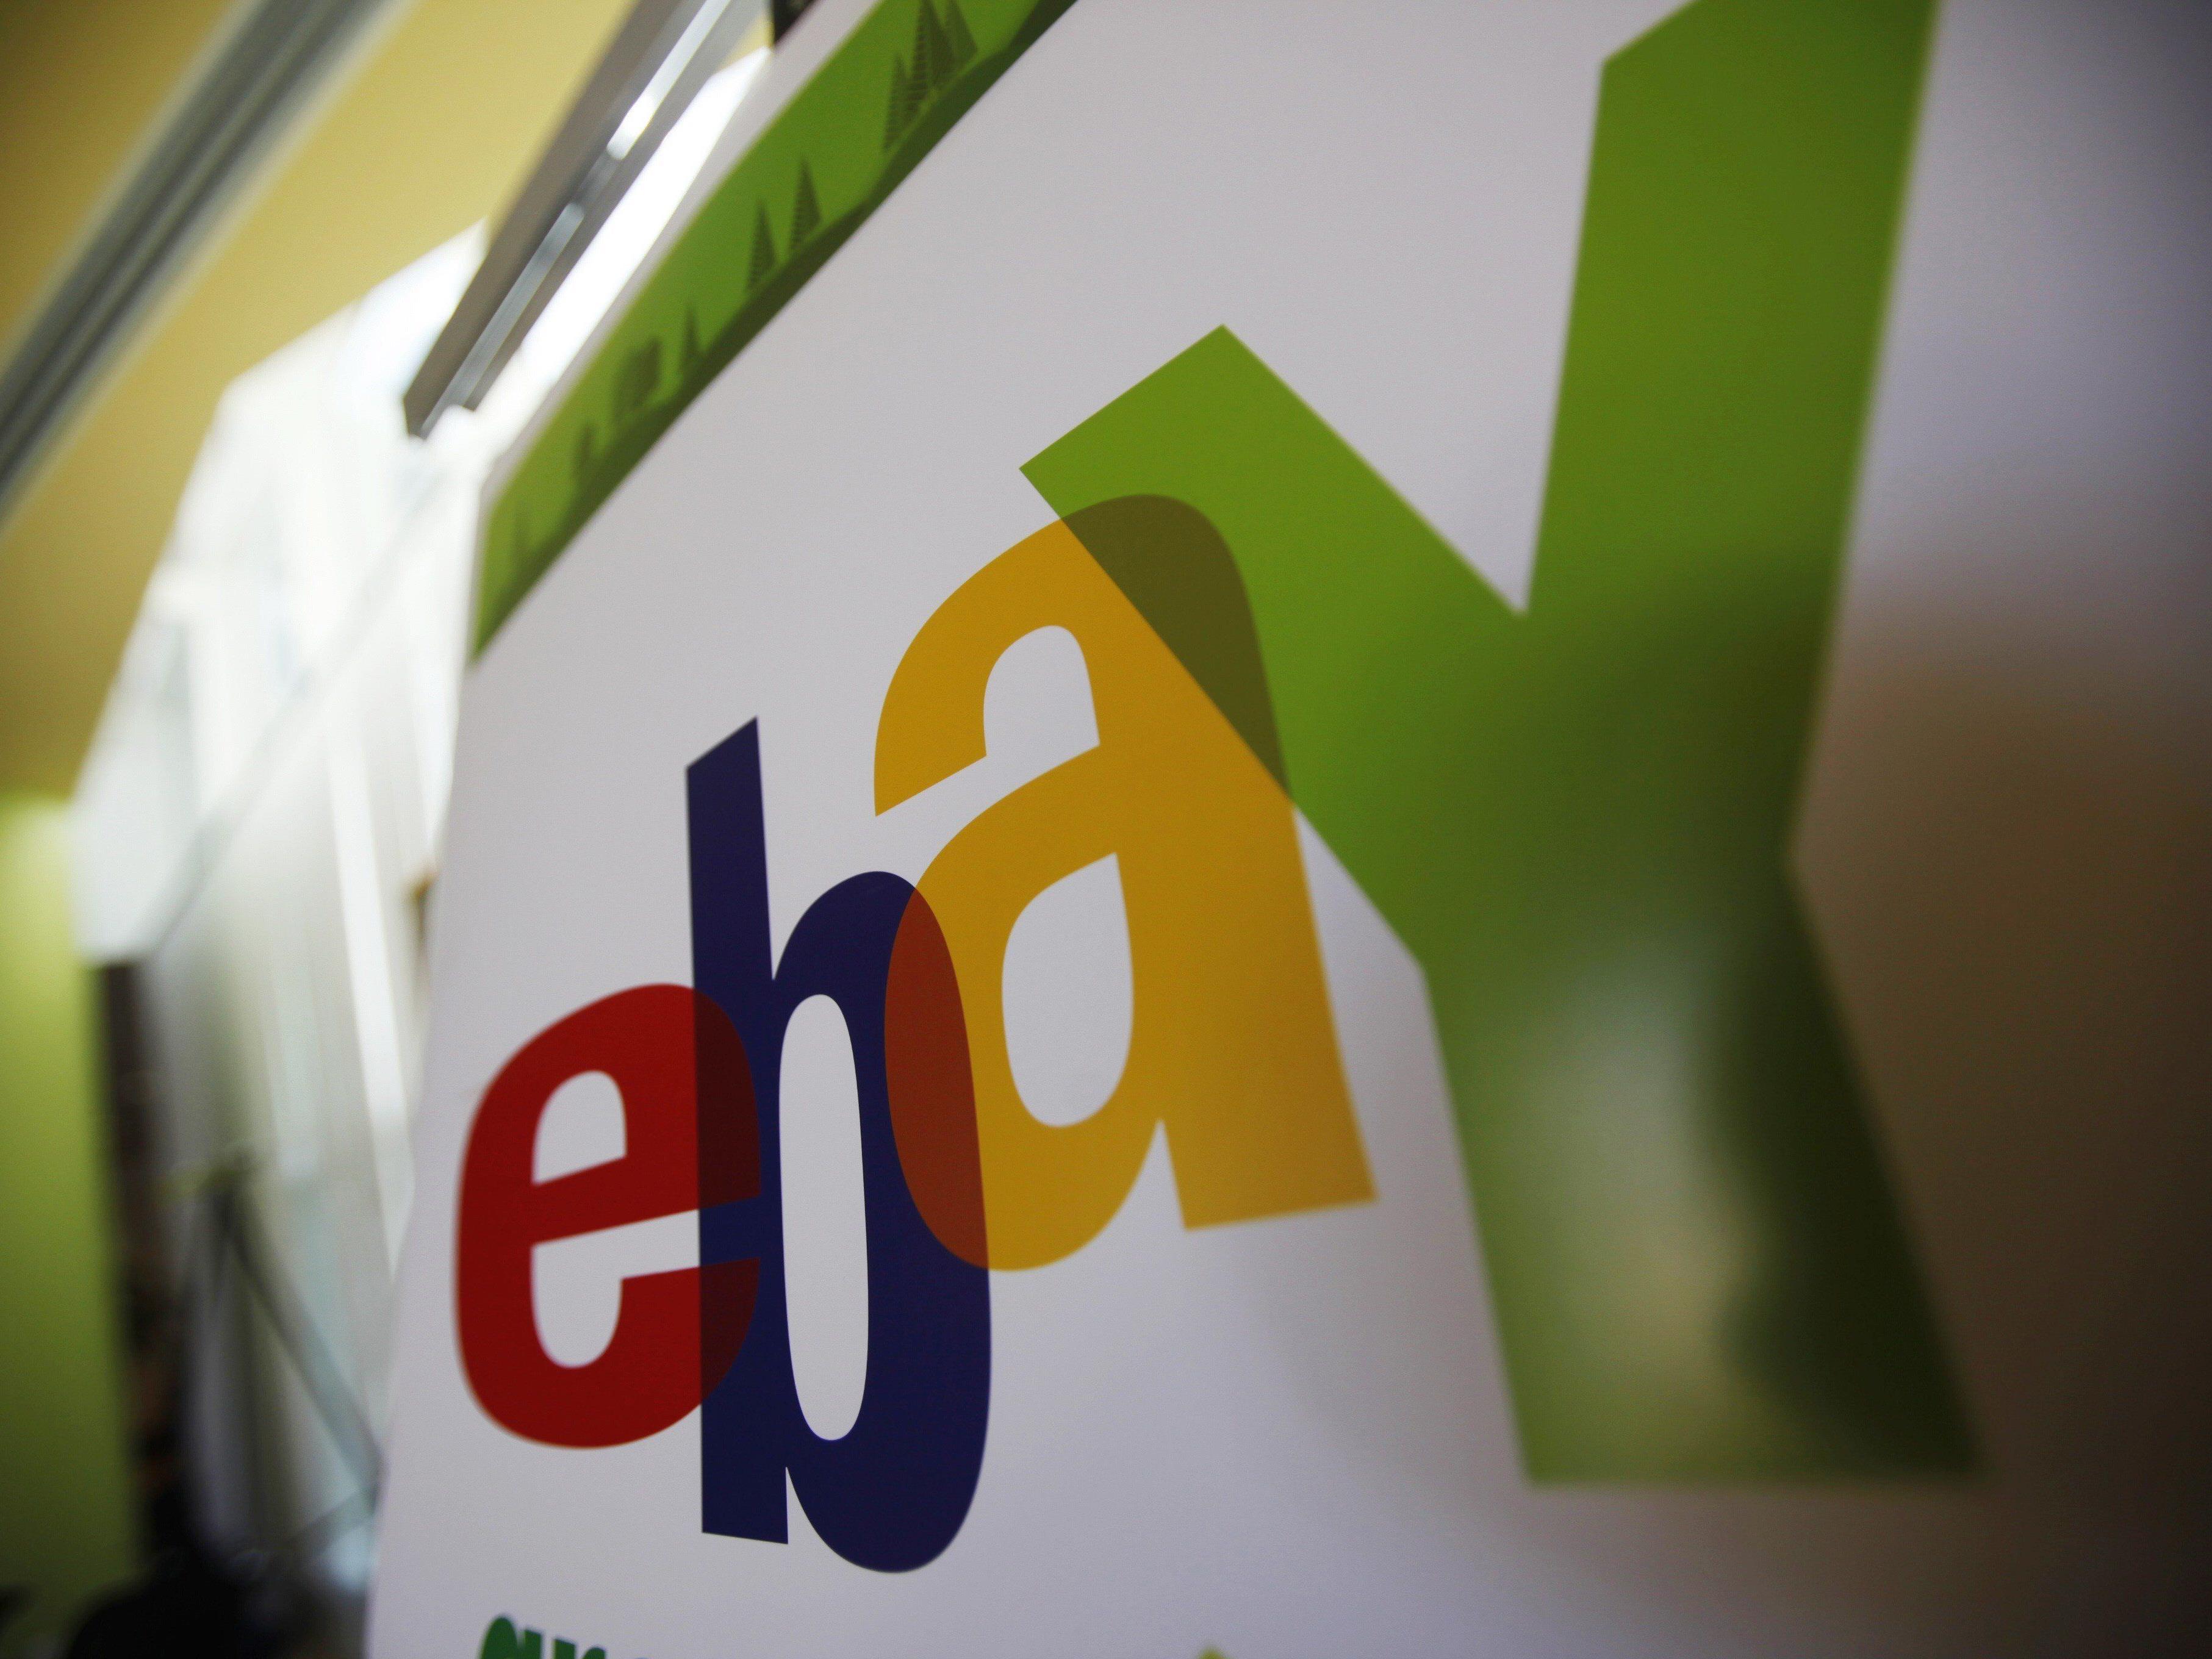 ebay: Eingabefehler berechtigen zu Auktionsabbruch